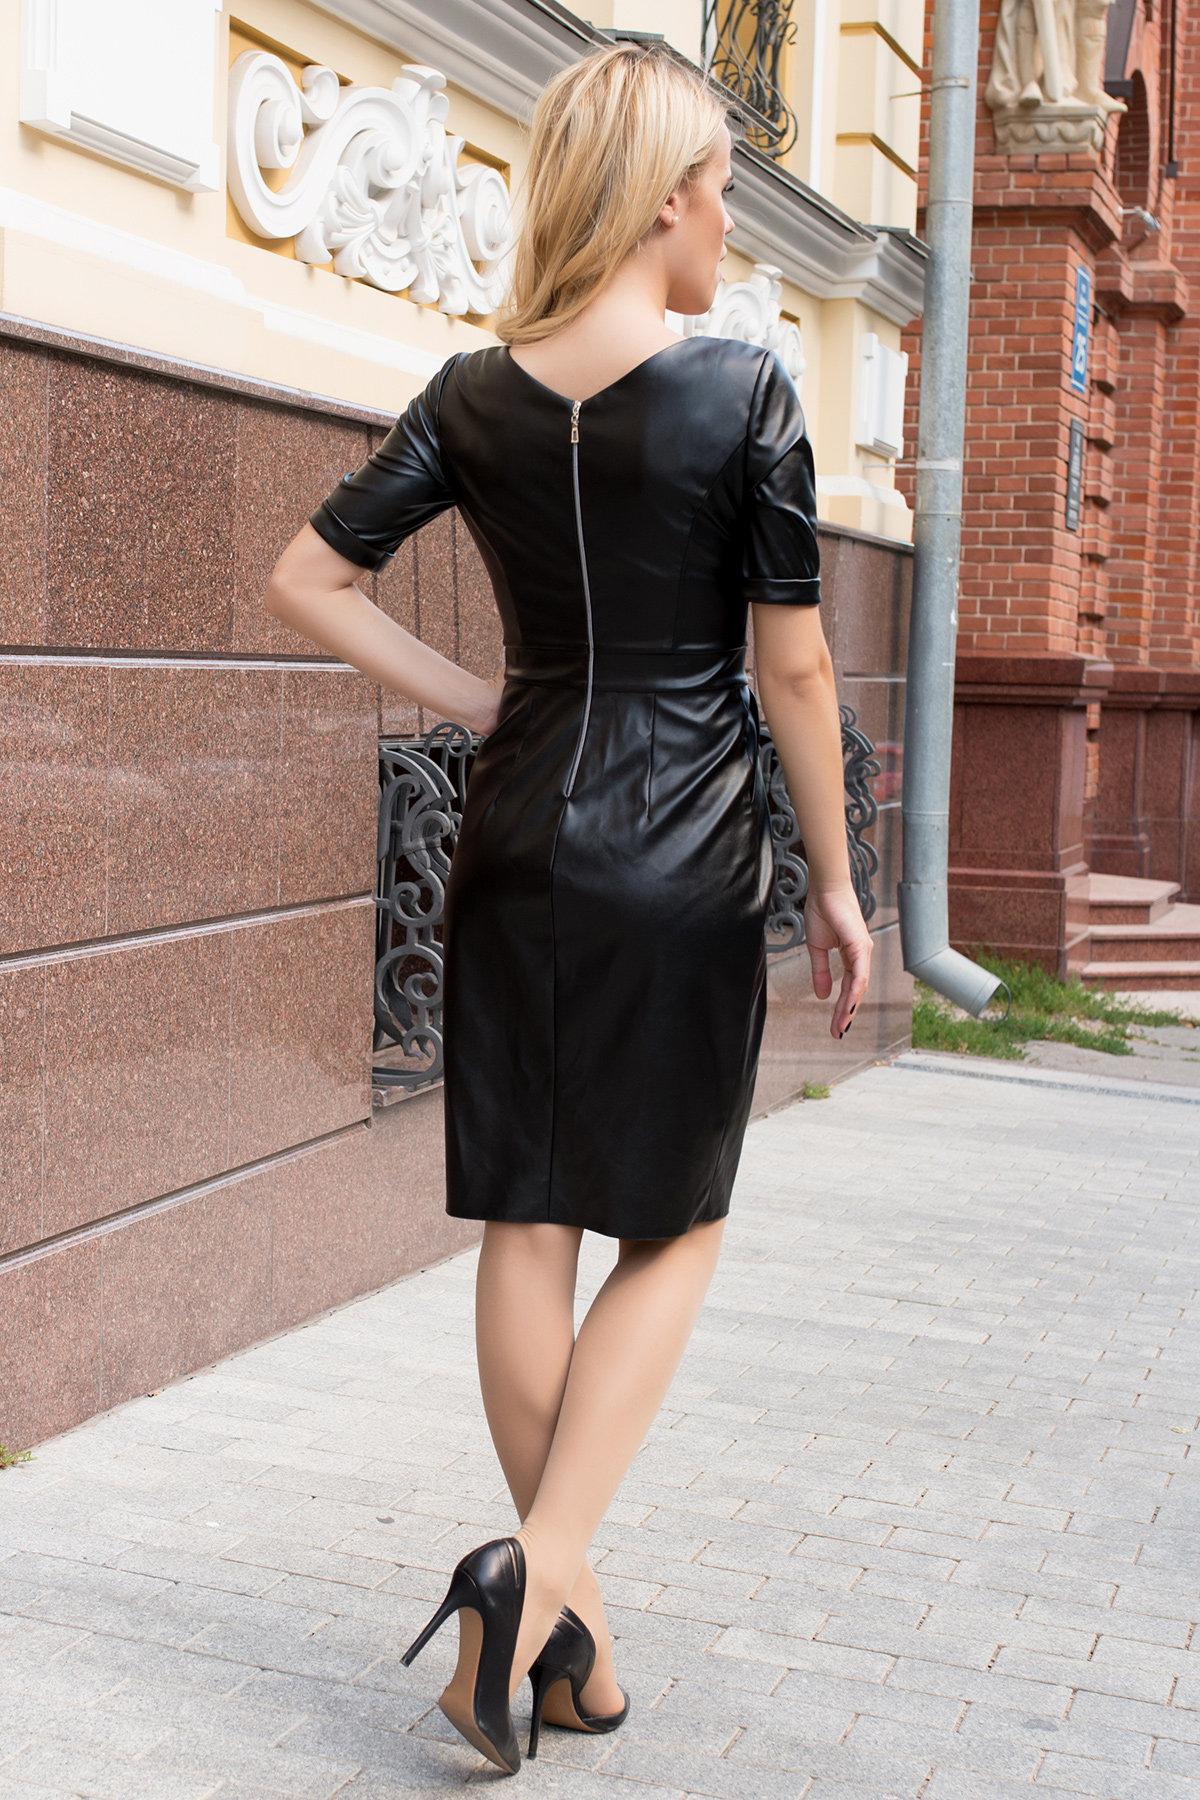 Платье-футляр из экокожи Юта 7851 АРТ. 43753 Цвет: Черный - фото 2, интернет магазин tm-modus.ru